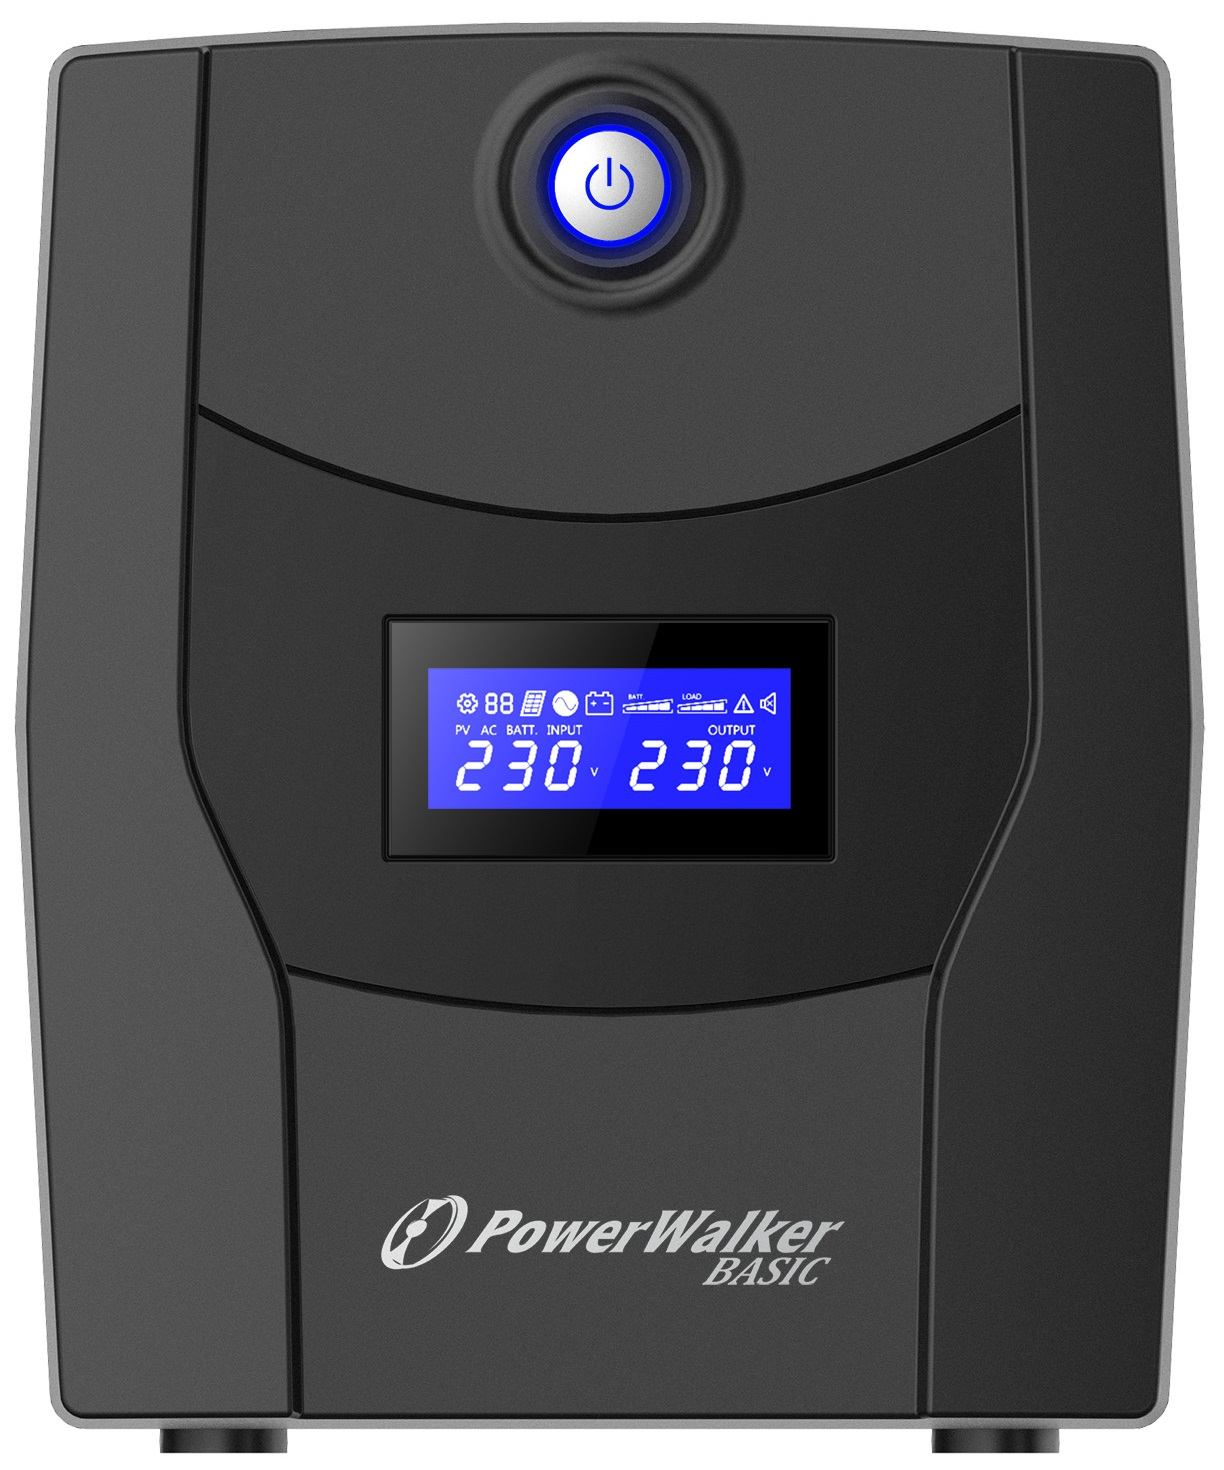 Onduleur régulateur de tension (AVR) PowerWalker Basic VI 1500VA / 900W, informatique ile de la Réunion 974